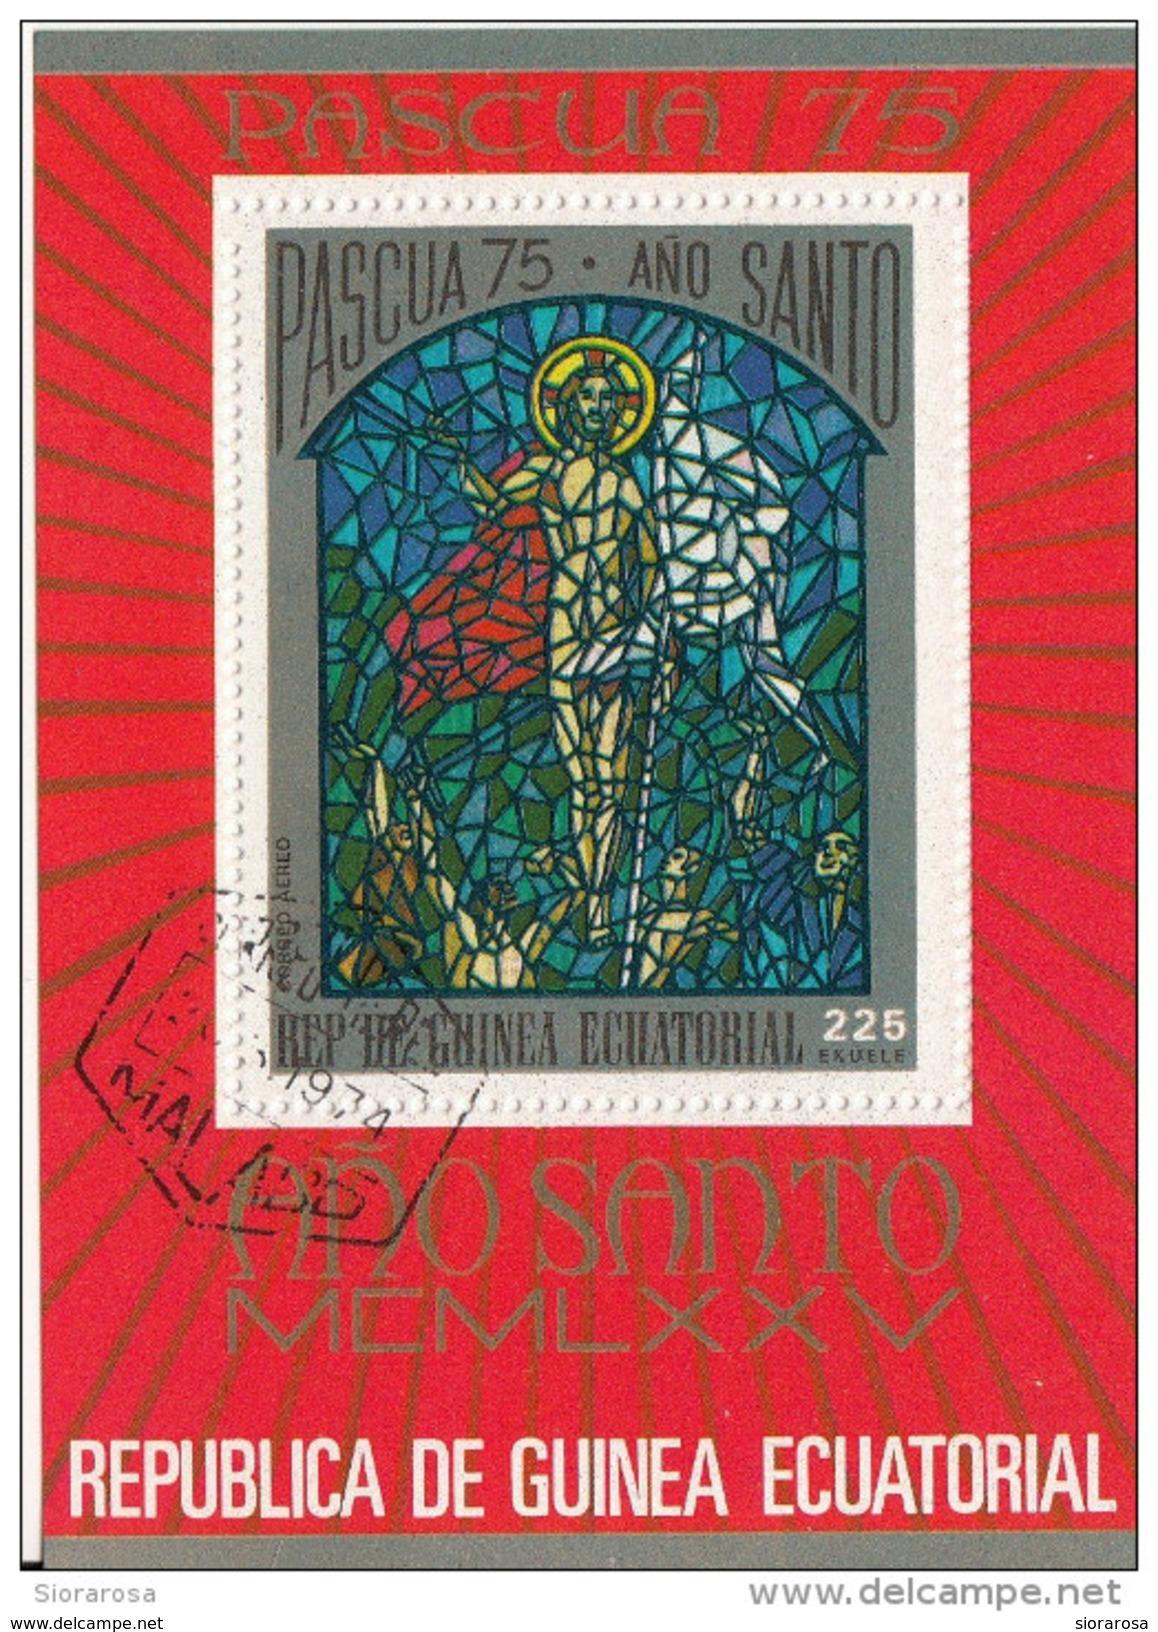 7526 Guinea Equatoriale 1975 Pasqua Anno Santo Vetrate Foglietto Perforato - Vetri & Vetrate